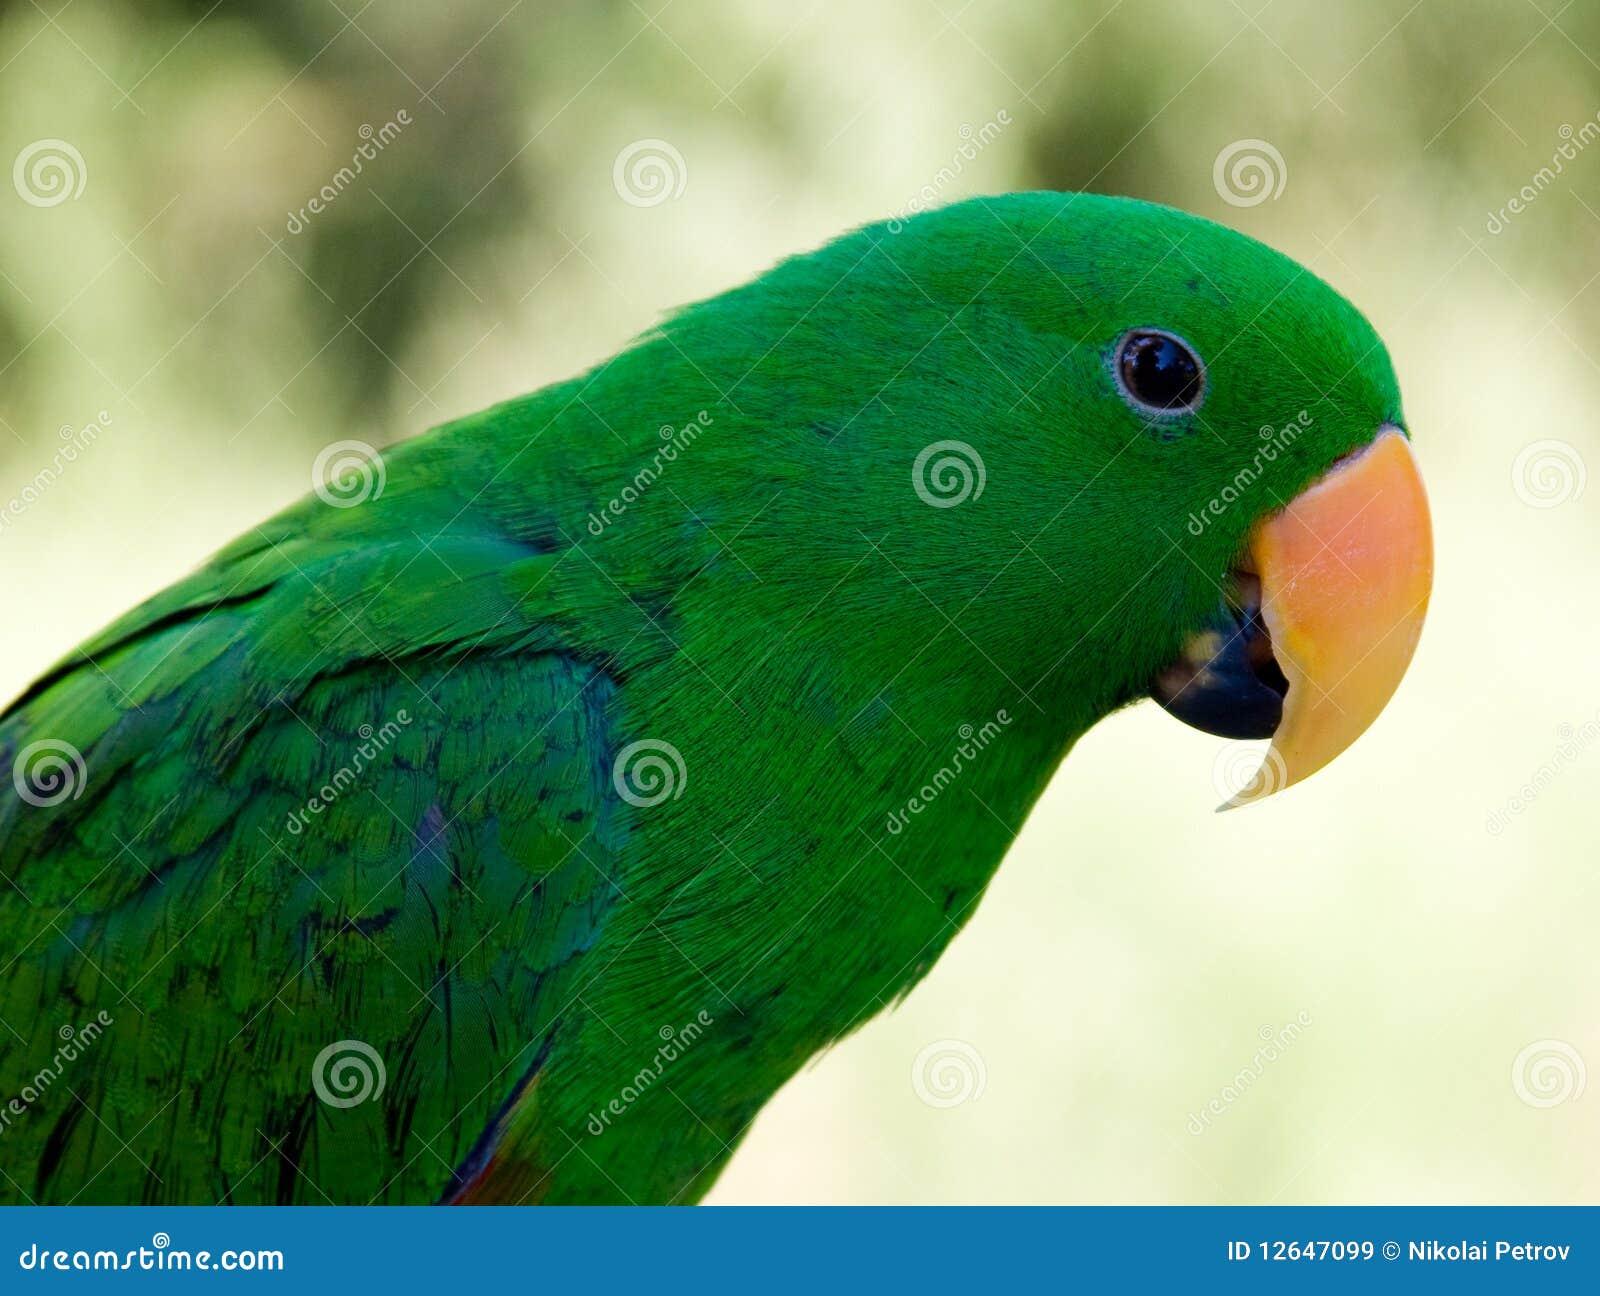 perroquet vert d 39 animal familier avec le nez orange images libres de droits image 12647099. Black Bedroom Furniture Sets. Home Design Ideas